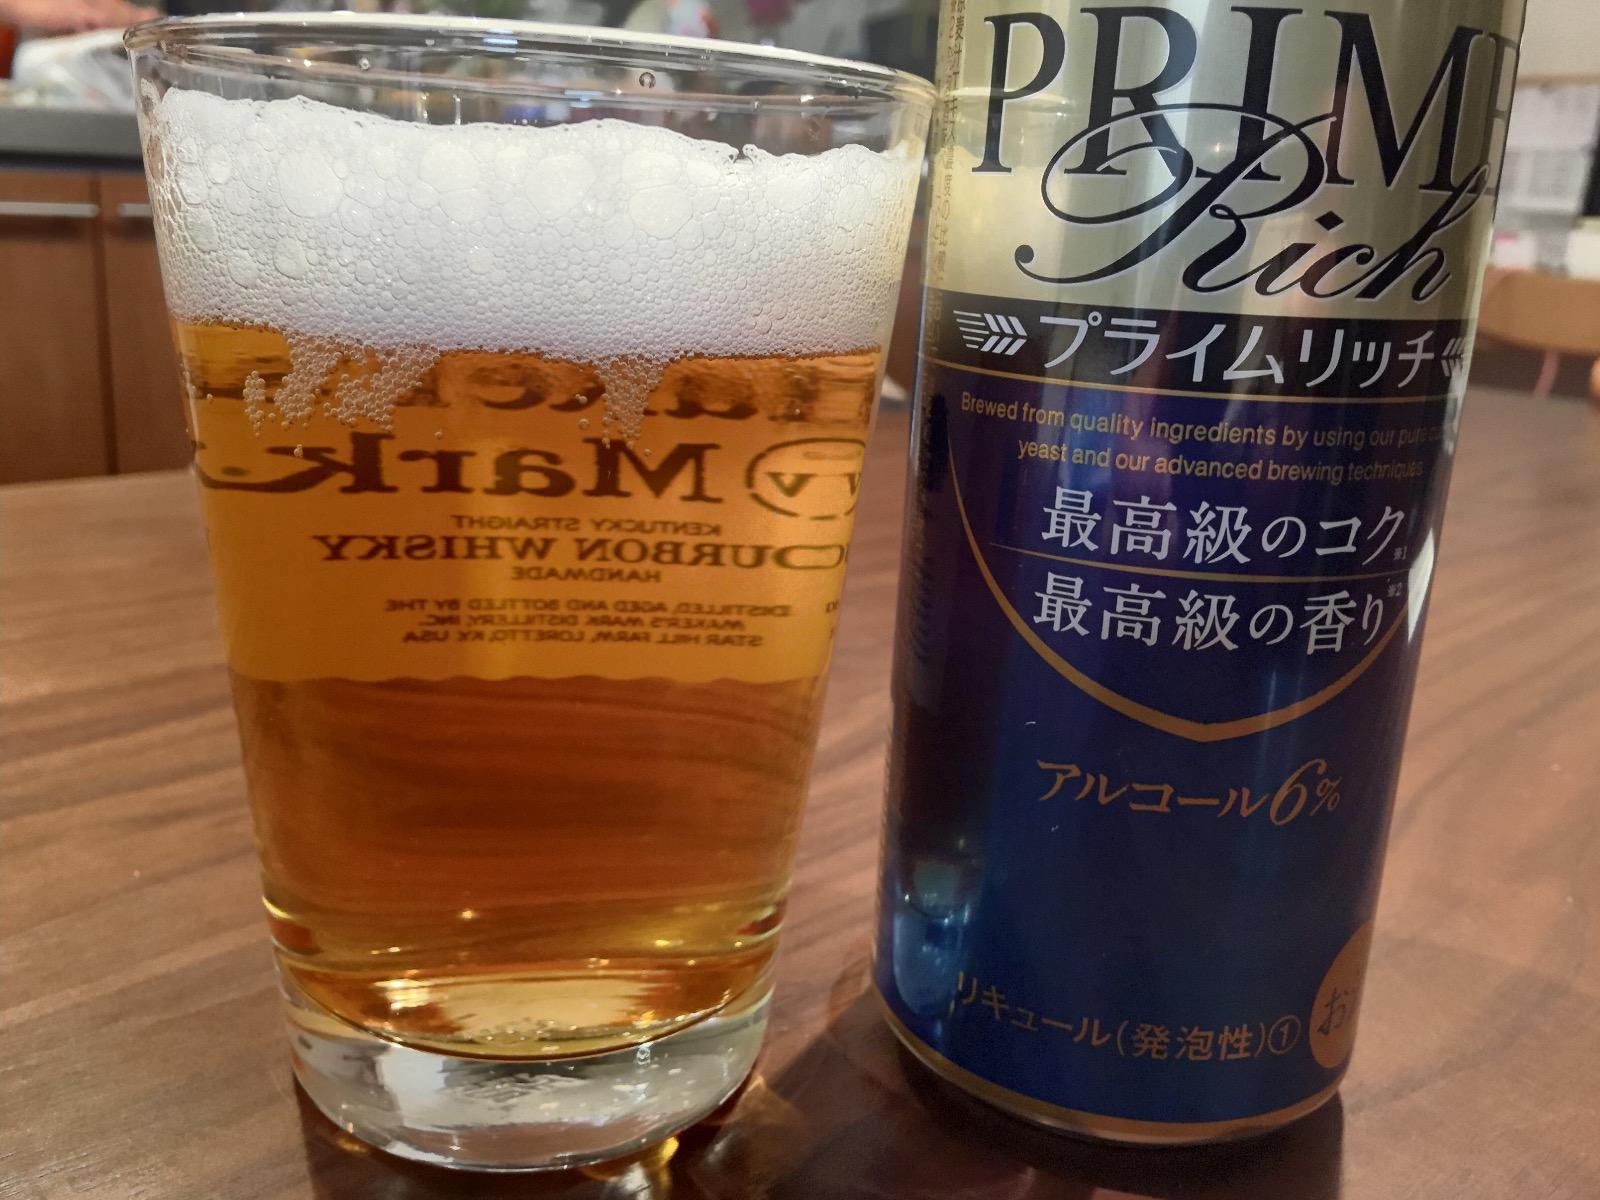 Asahi prime rich 1673